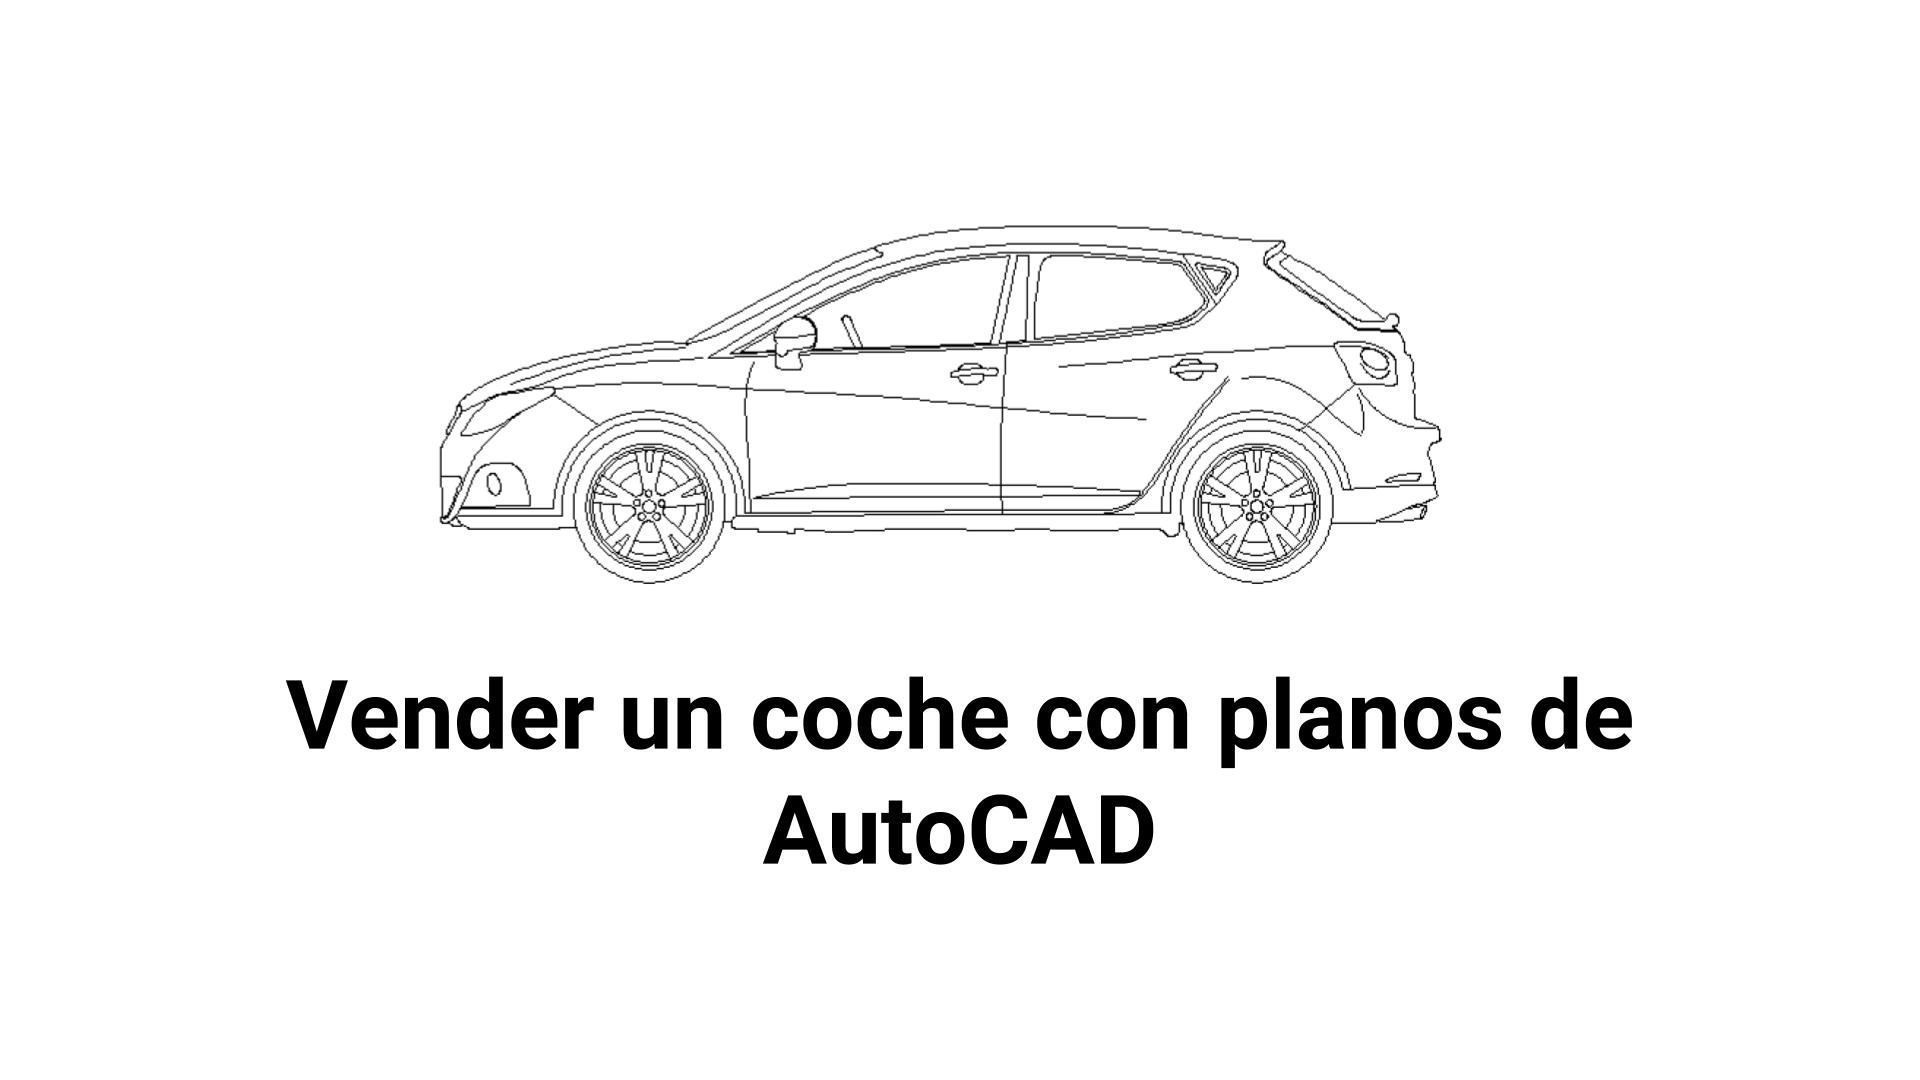 vender un coche con planos de autocad